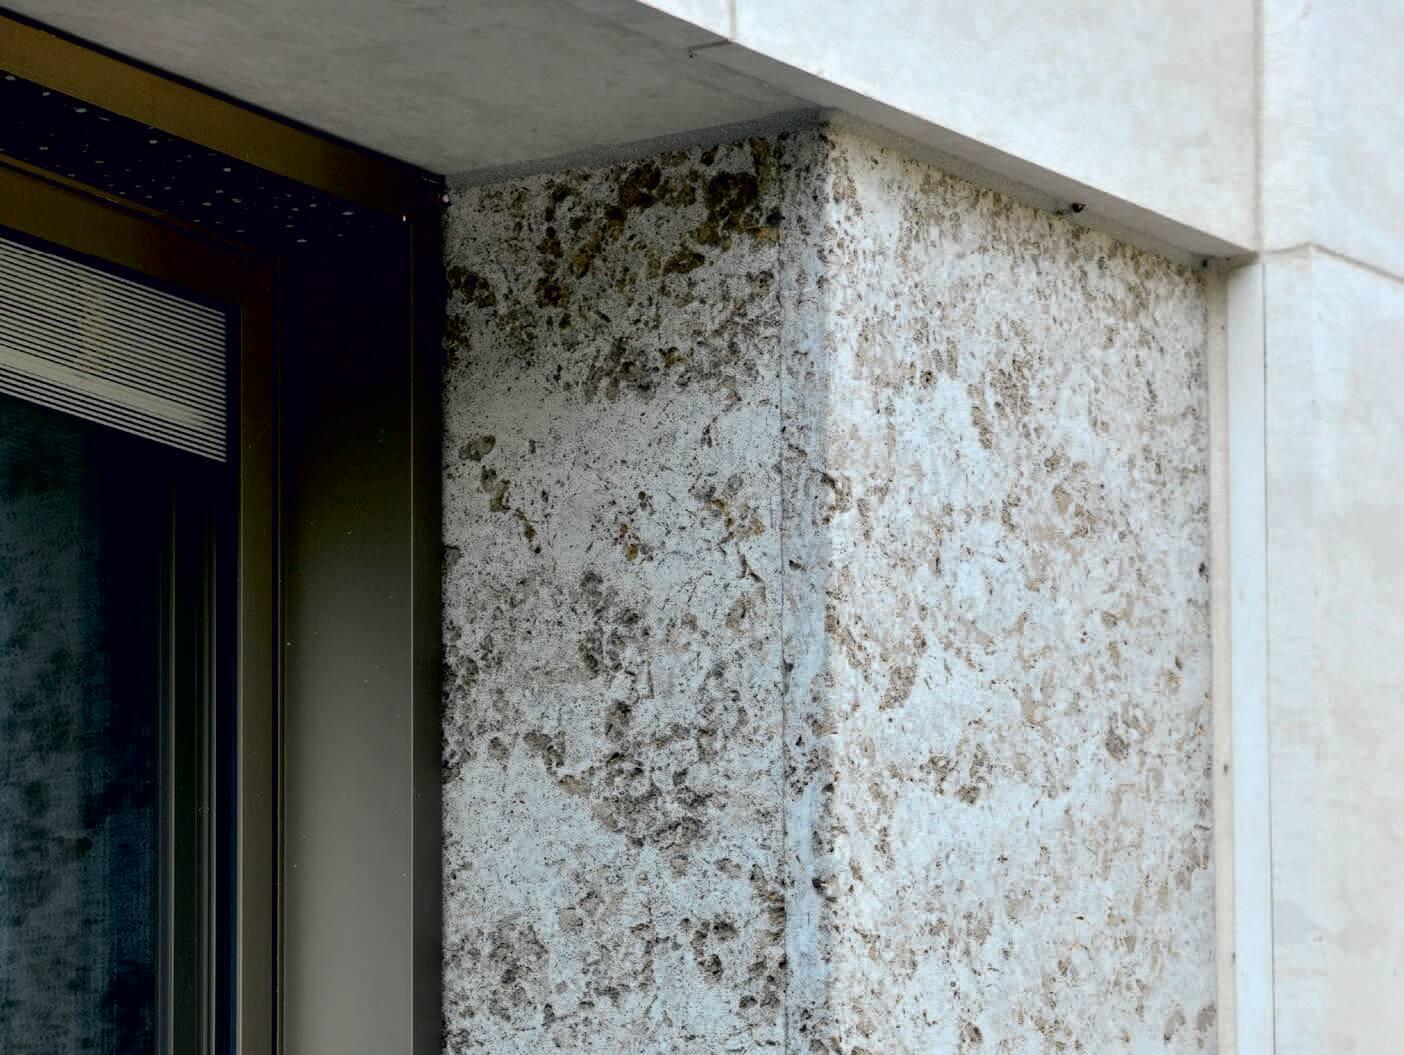 Alstercampus Hamburg-Kohlplatter Muschelkalk grob gekordelt